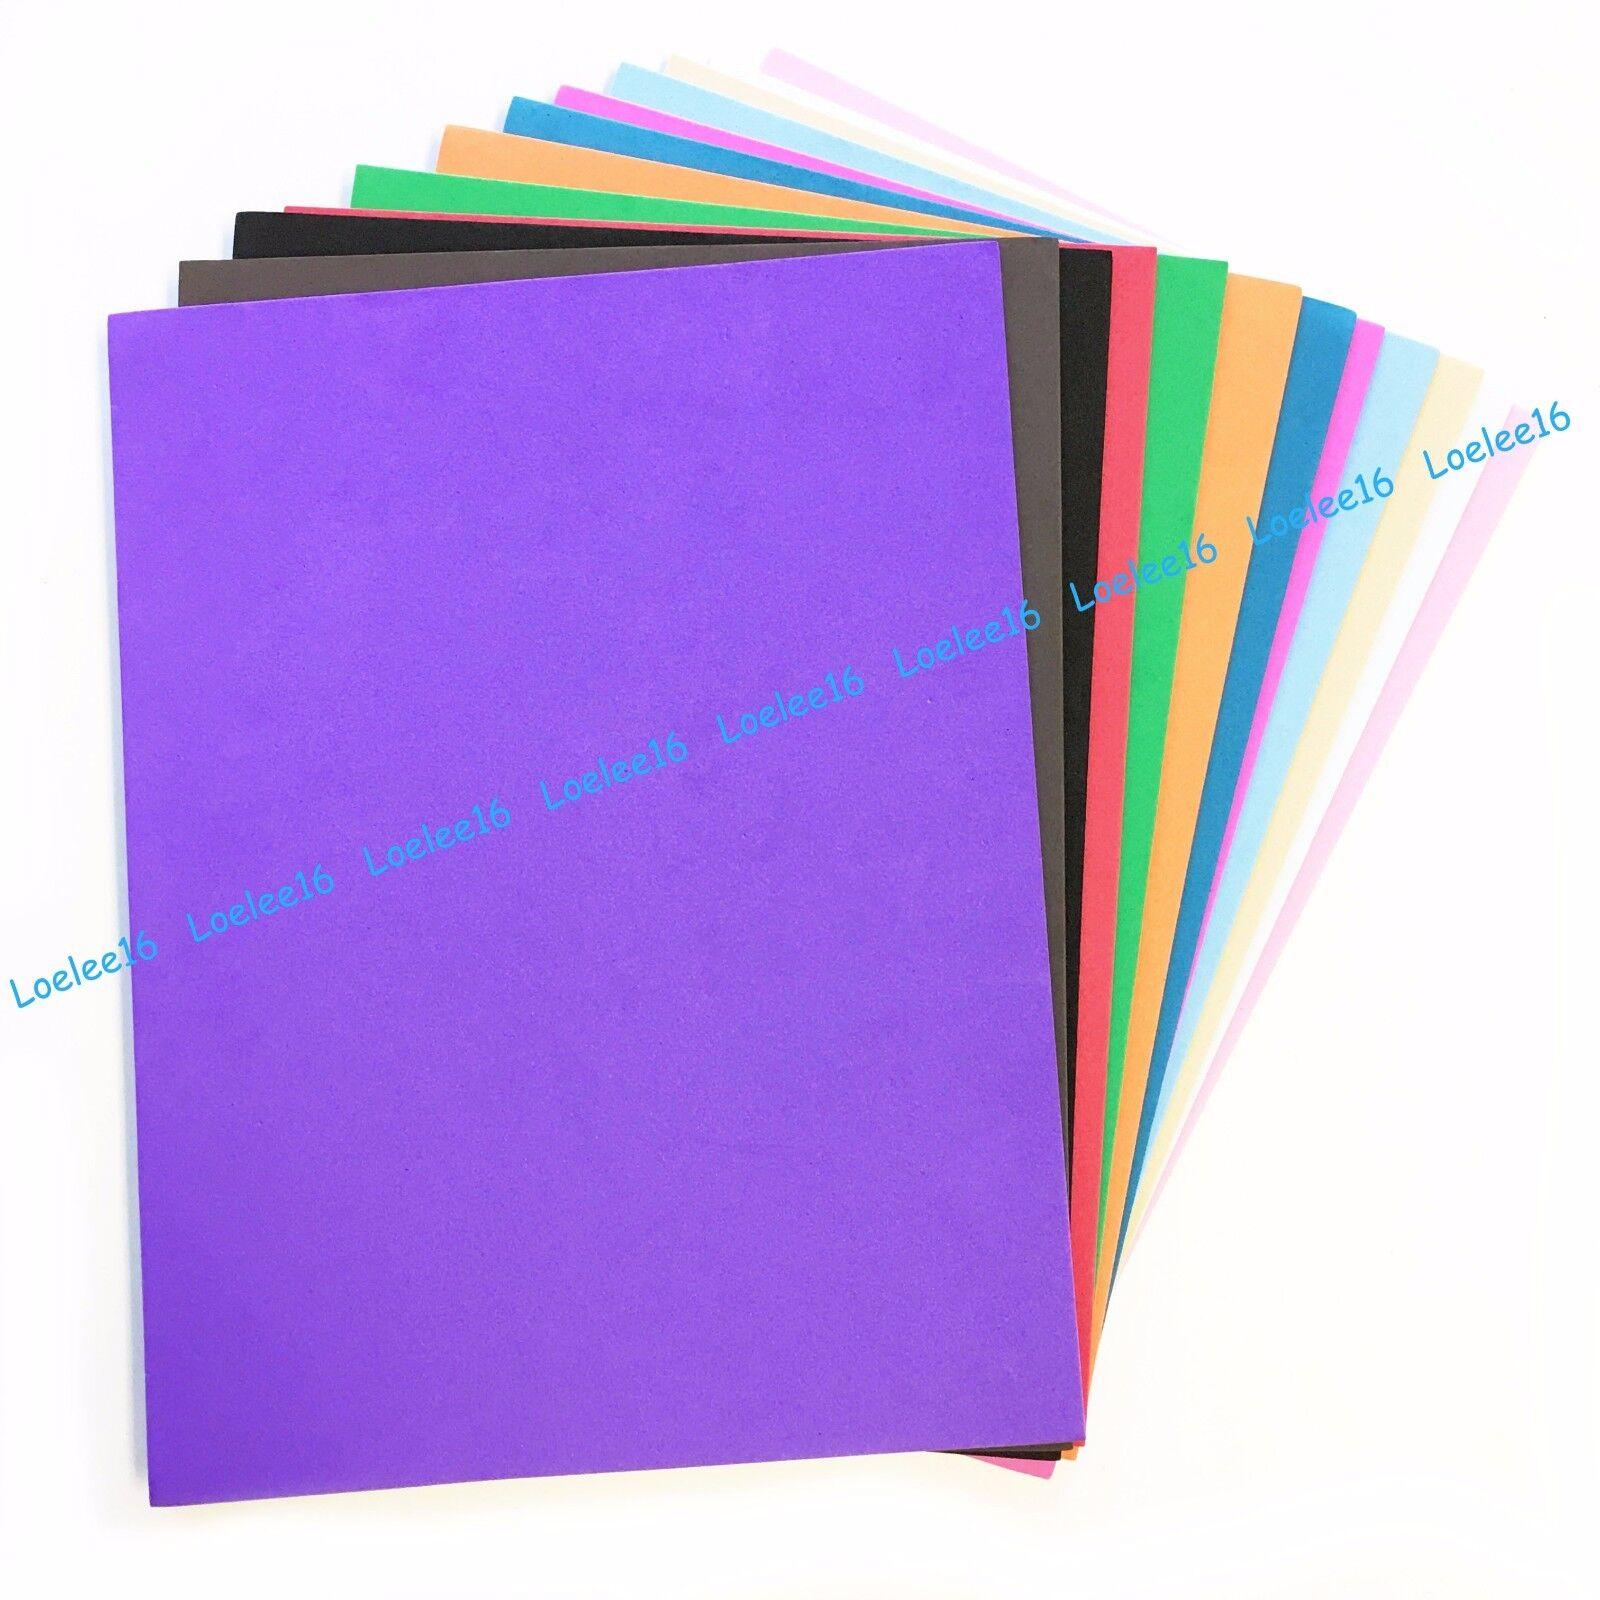 EVA Foam sheets reg & glitter eva 9x12,16x24,12x18 10-25 pc